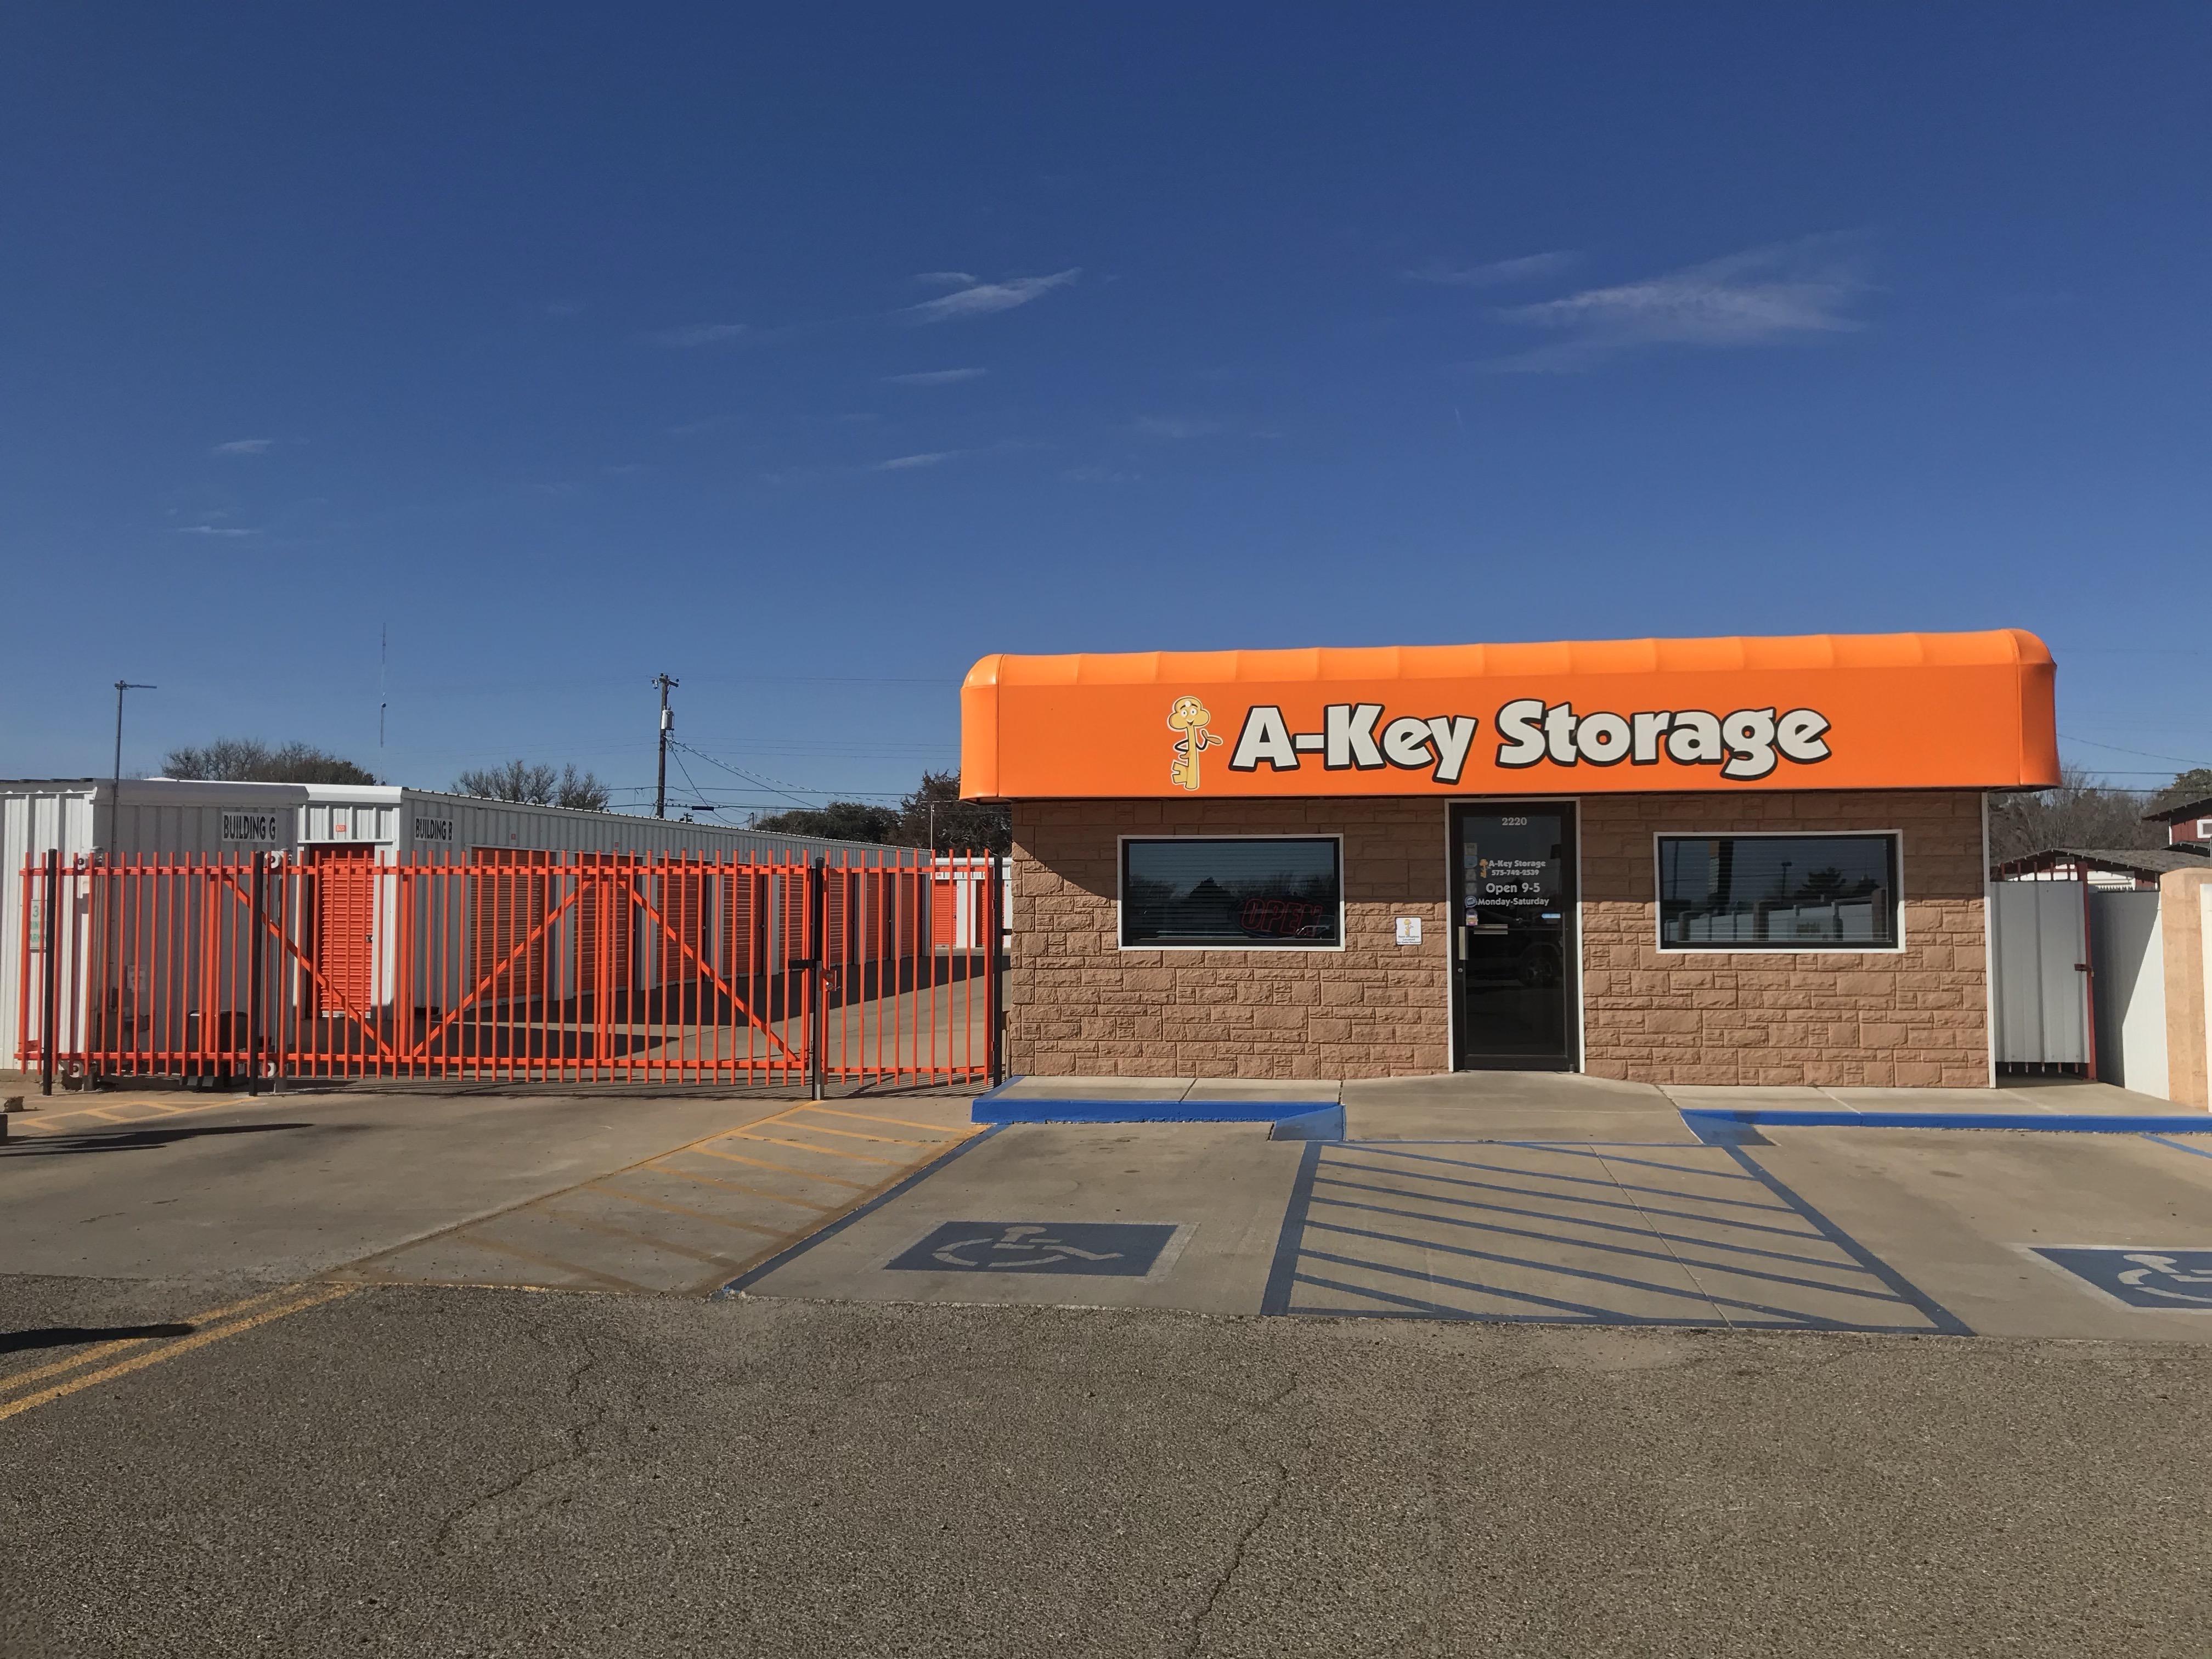 A-Key Storage